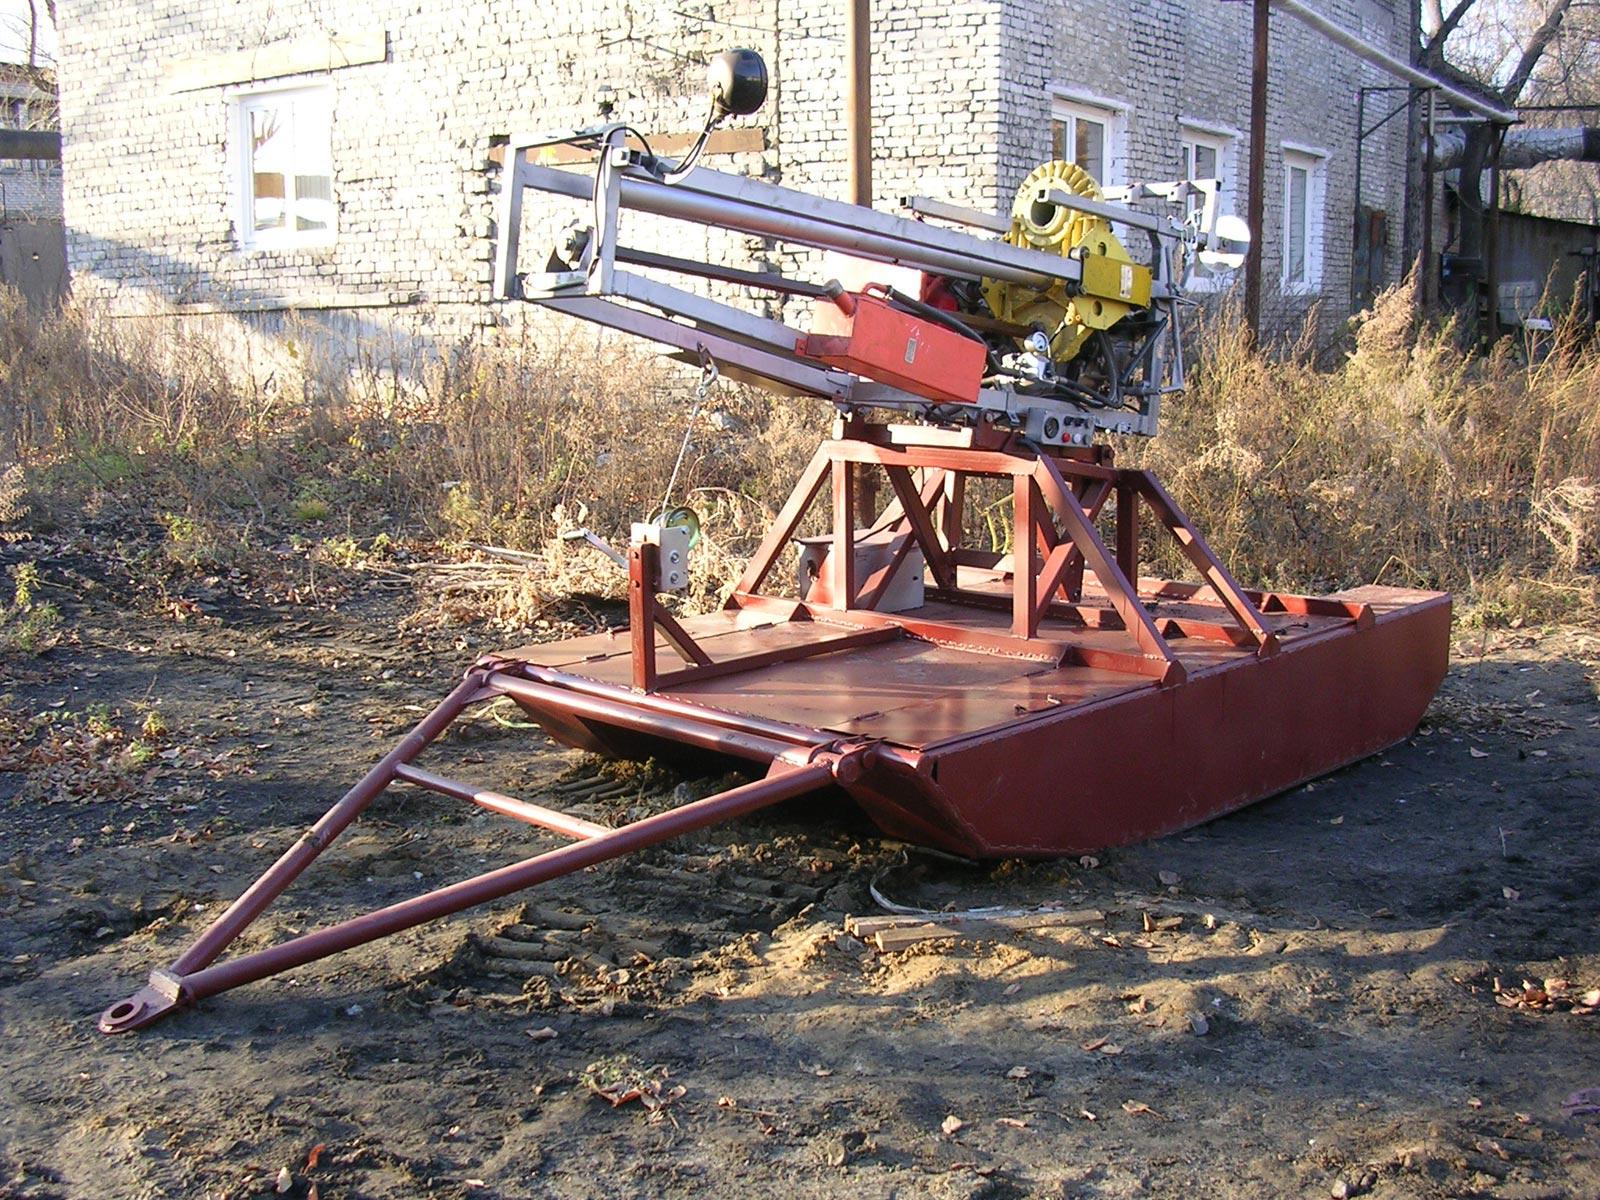 Установка буровая шнековая малогабаритная УБШМ-1-20 на базе саней С-9